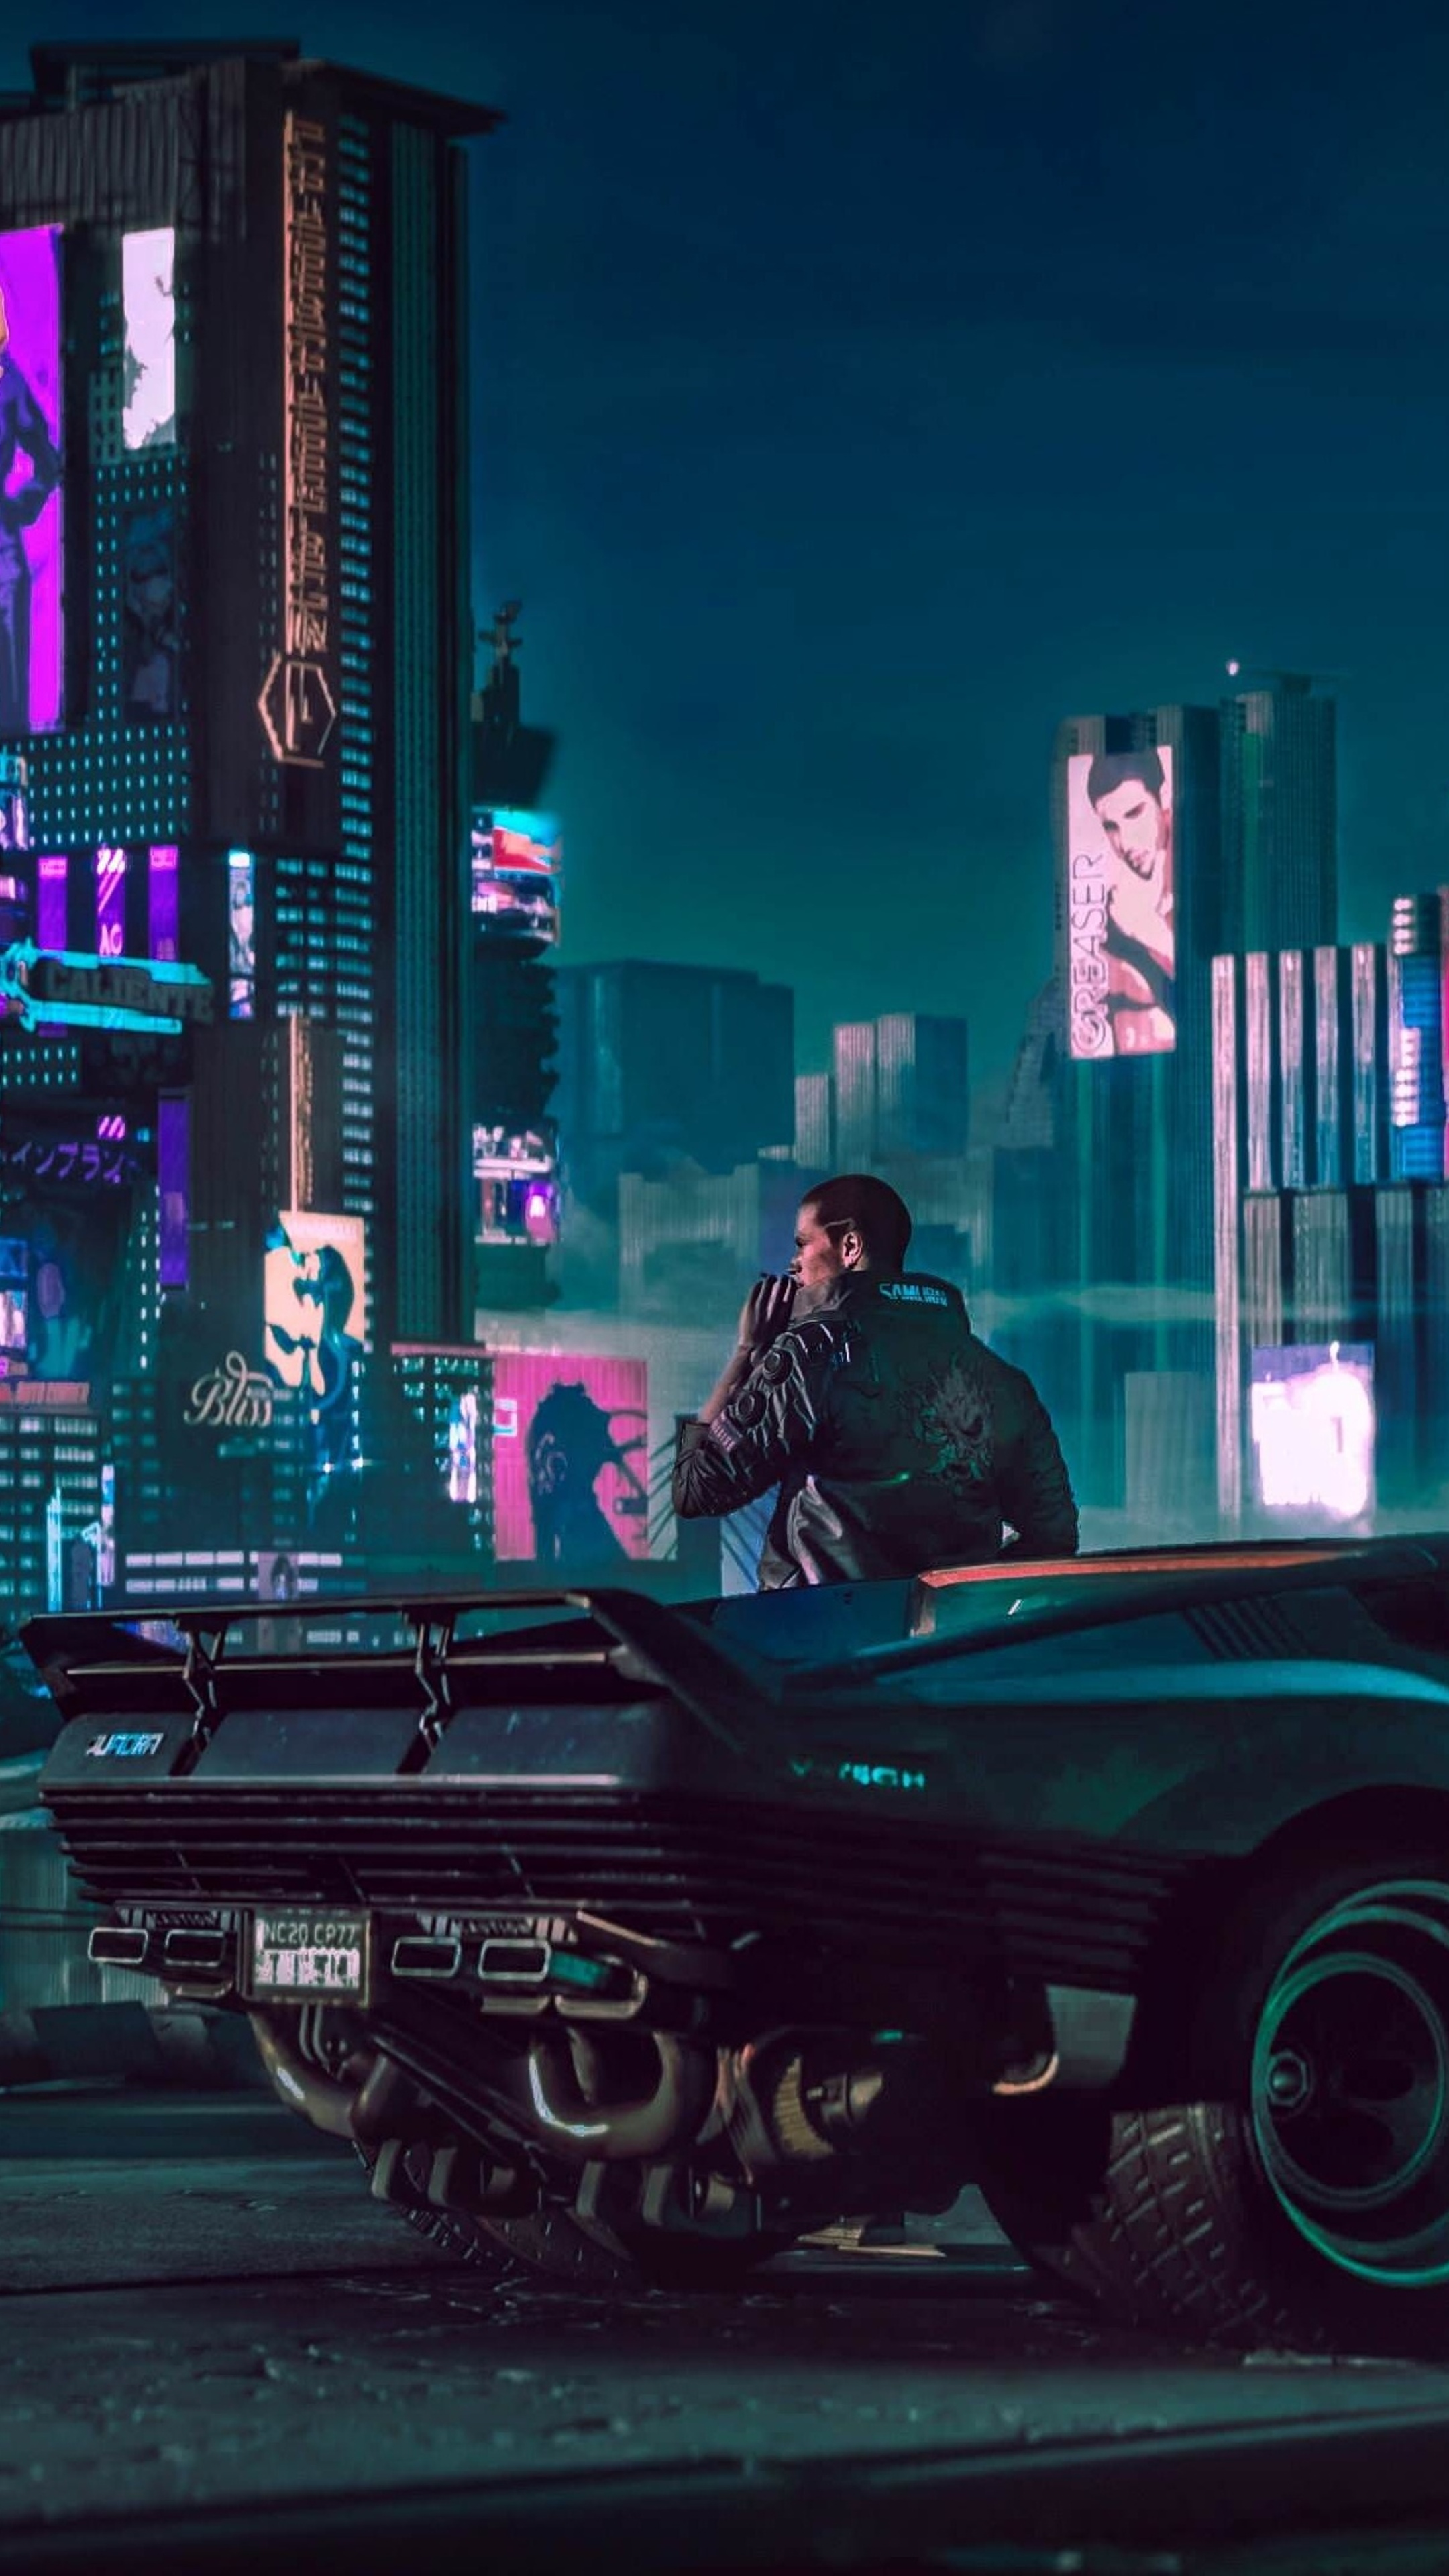 2160x3840 2018 Cyberpunk 2077 4k Sony Xperia X,XZ,Z5 ...